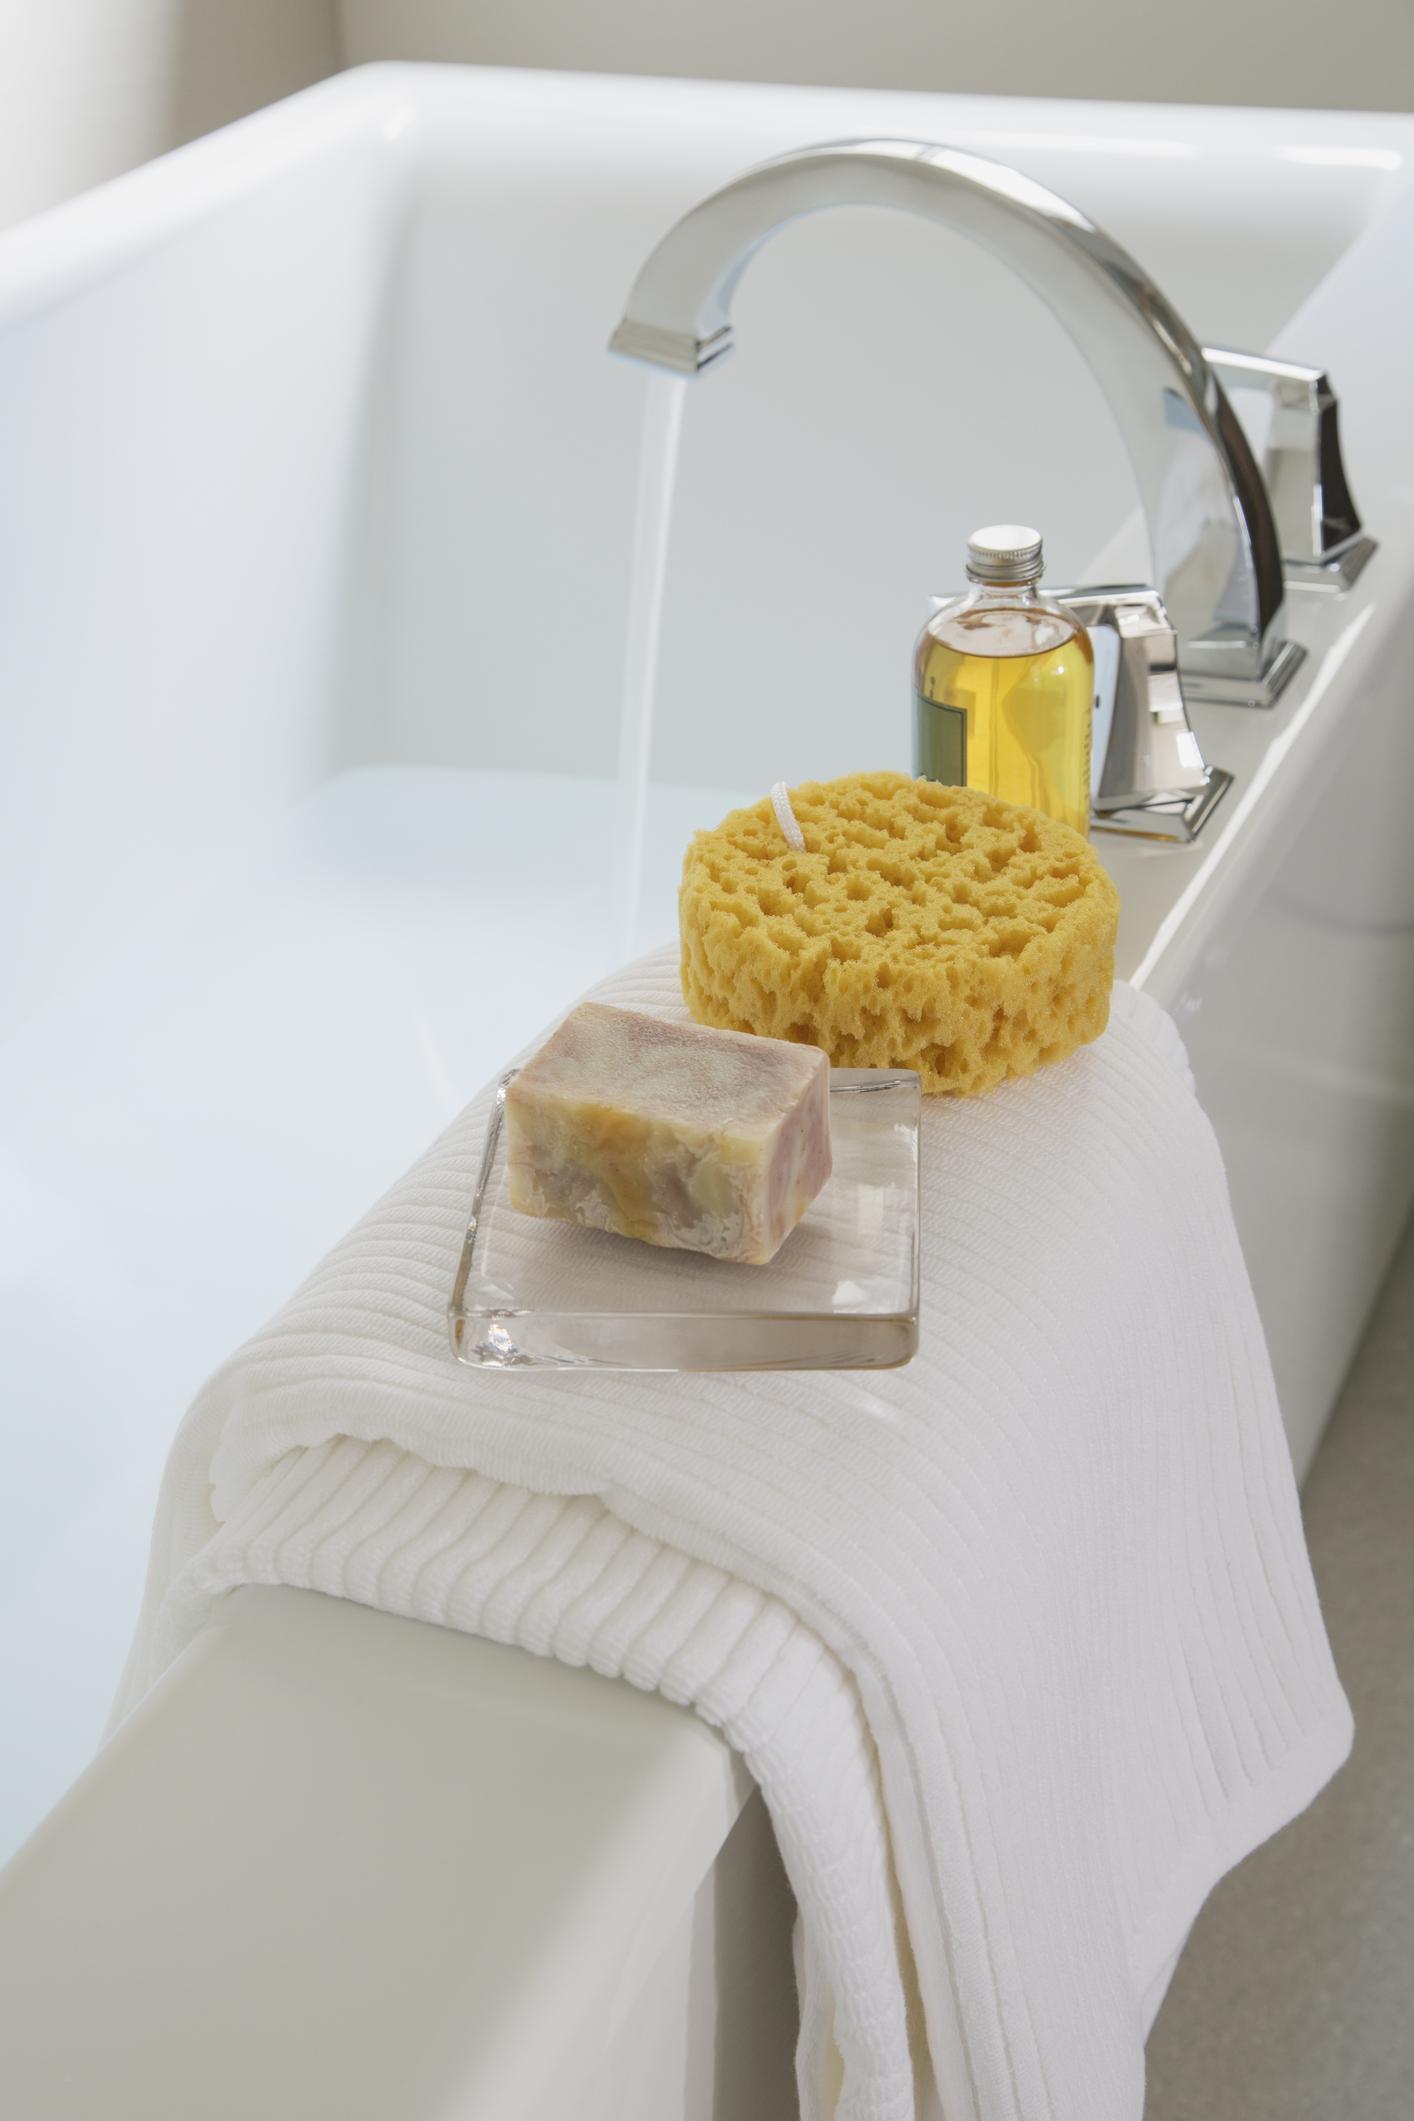 Memo 5 cose da sostituire con frequenza in bagno - Spugne da bagno ...